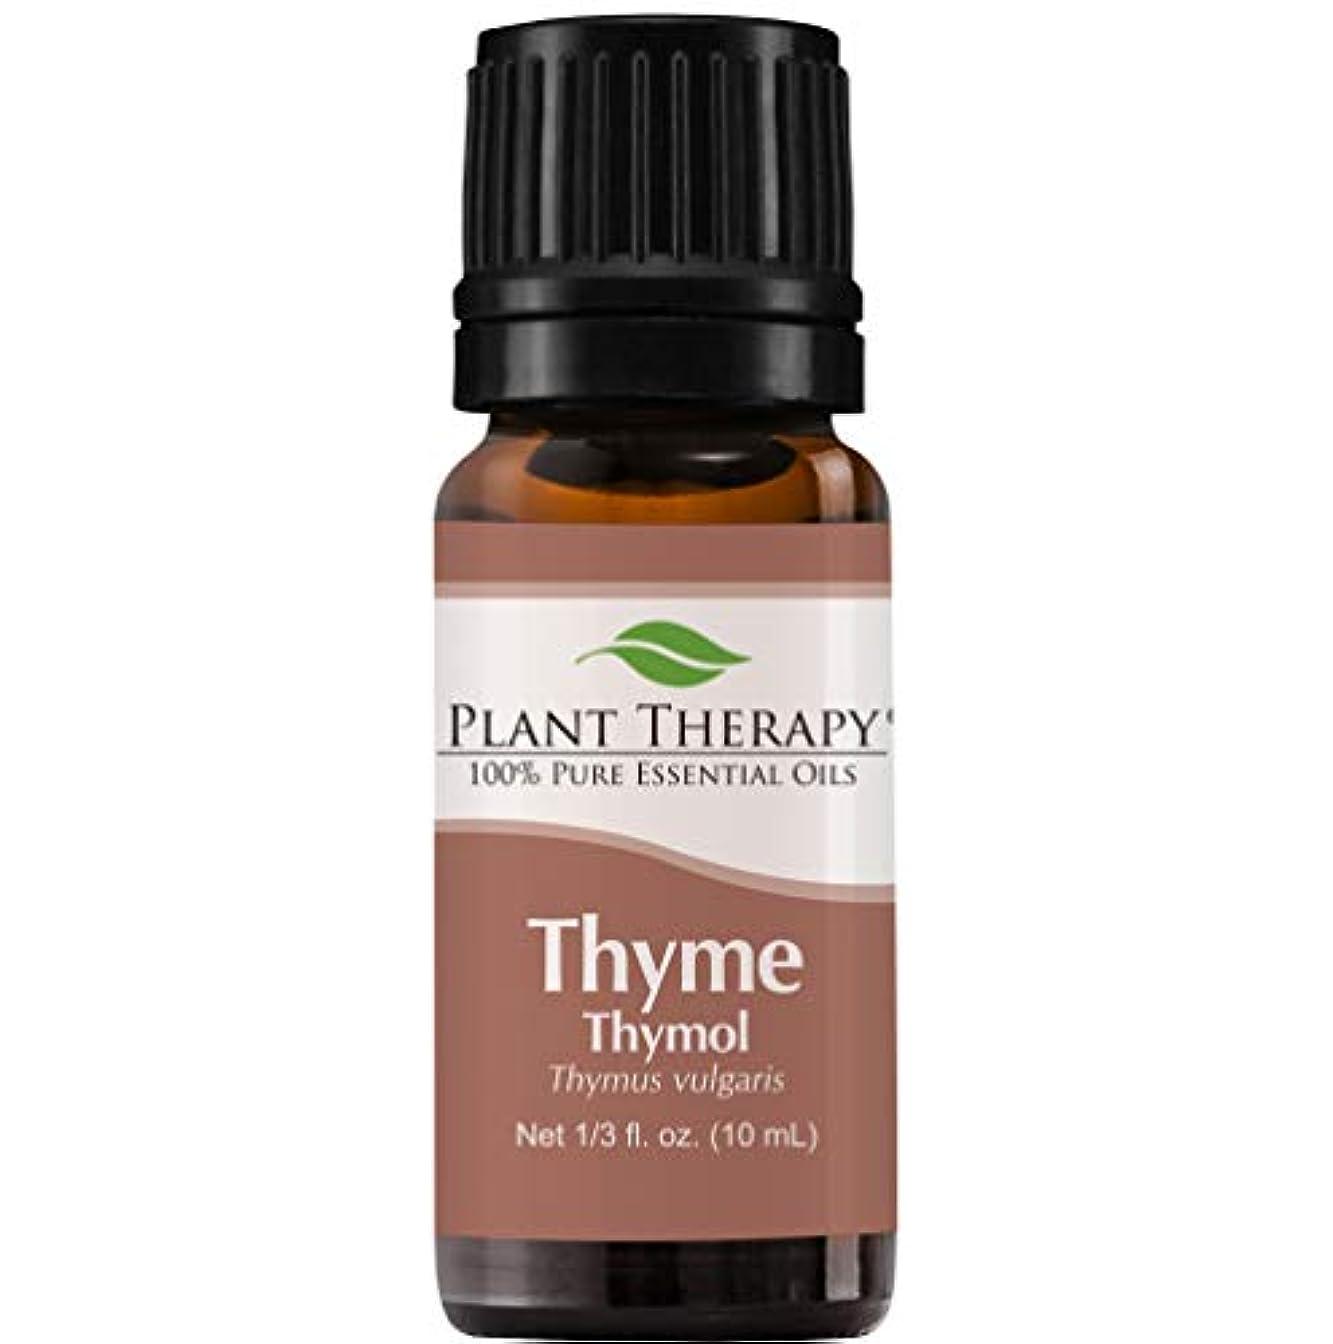 奴隷コークスハングPlant Therapy Thyme Thymol Essential Oil. 100% Pure, Undiluted, Therapeutic Grade. 10 ml (1/3 oz). by Plant Therapy